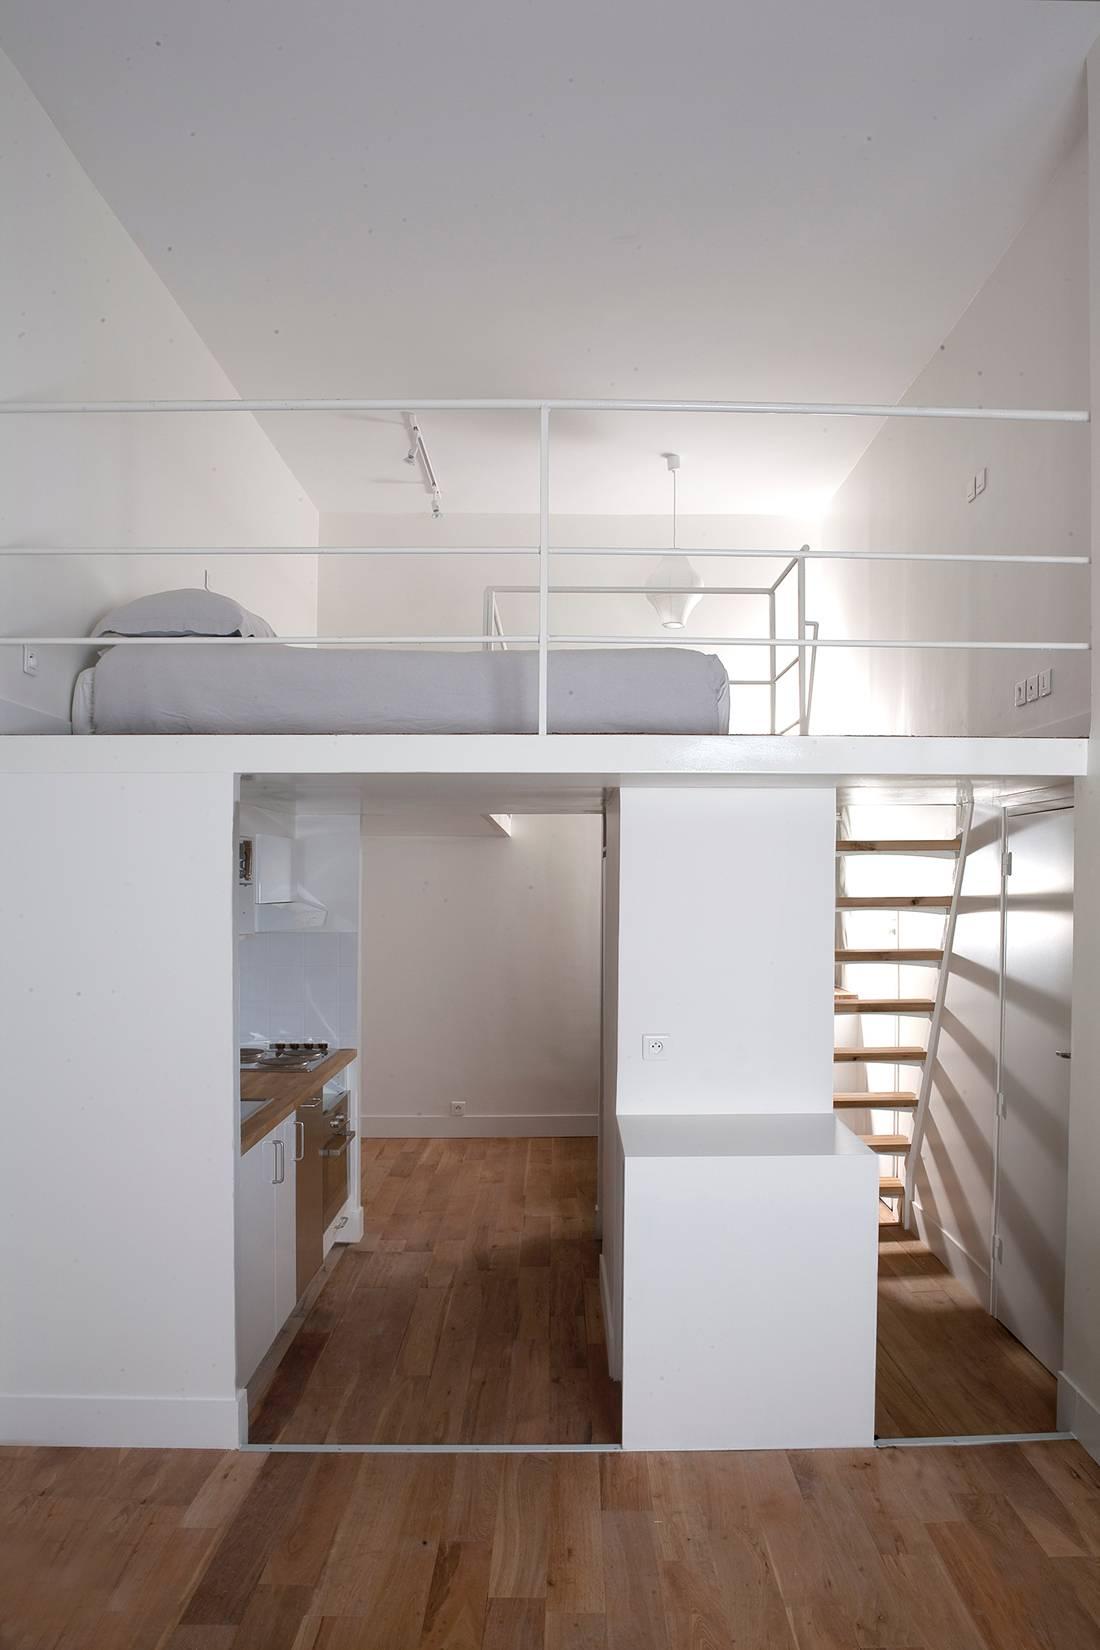 agencement-petite-surface-par-nea-architect-paris - nea architects